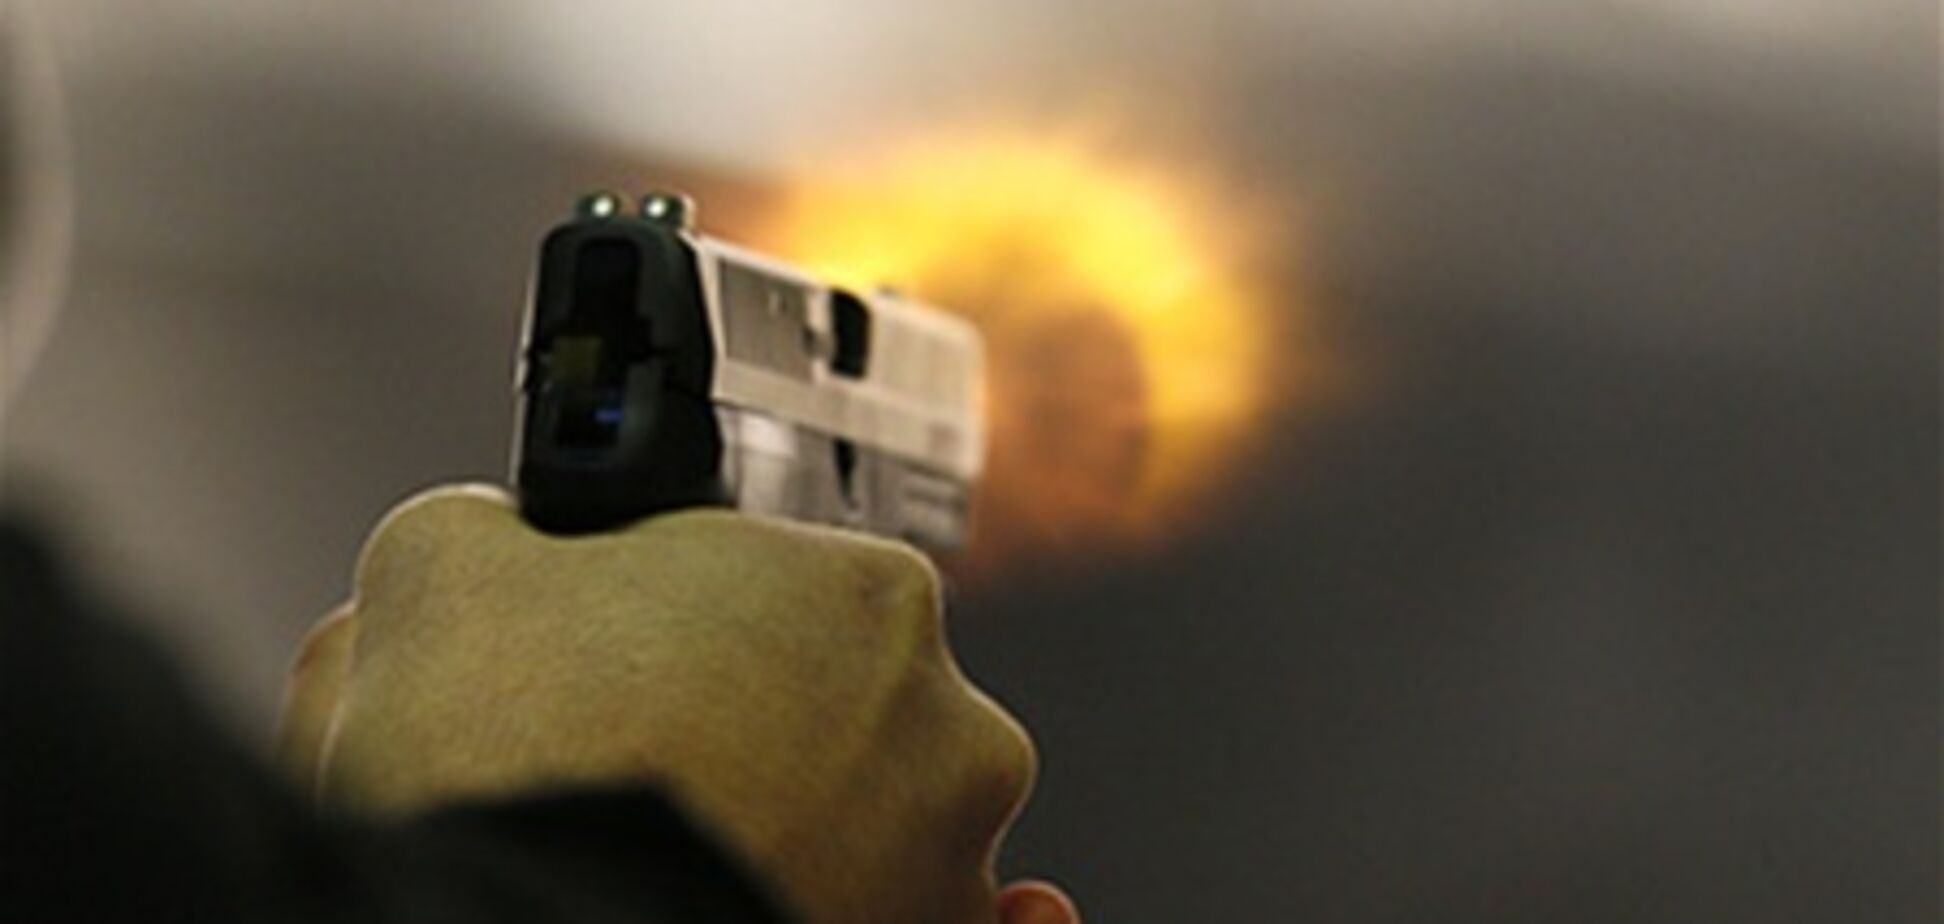 Стрельба в киевском кафе: подробности происшествия